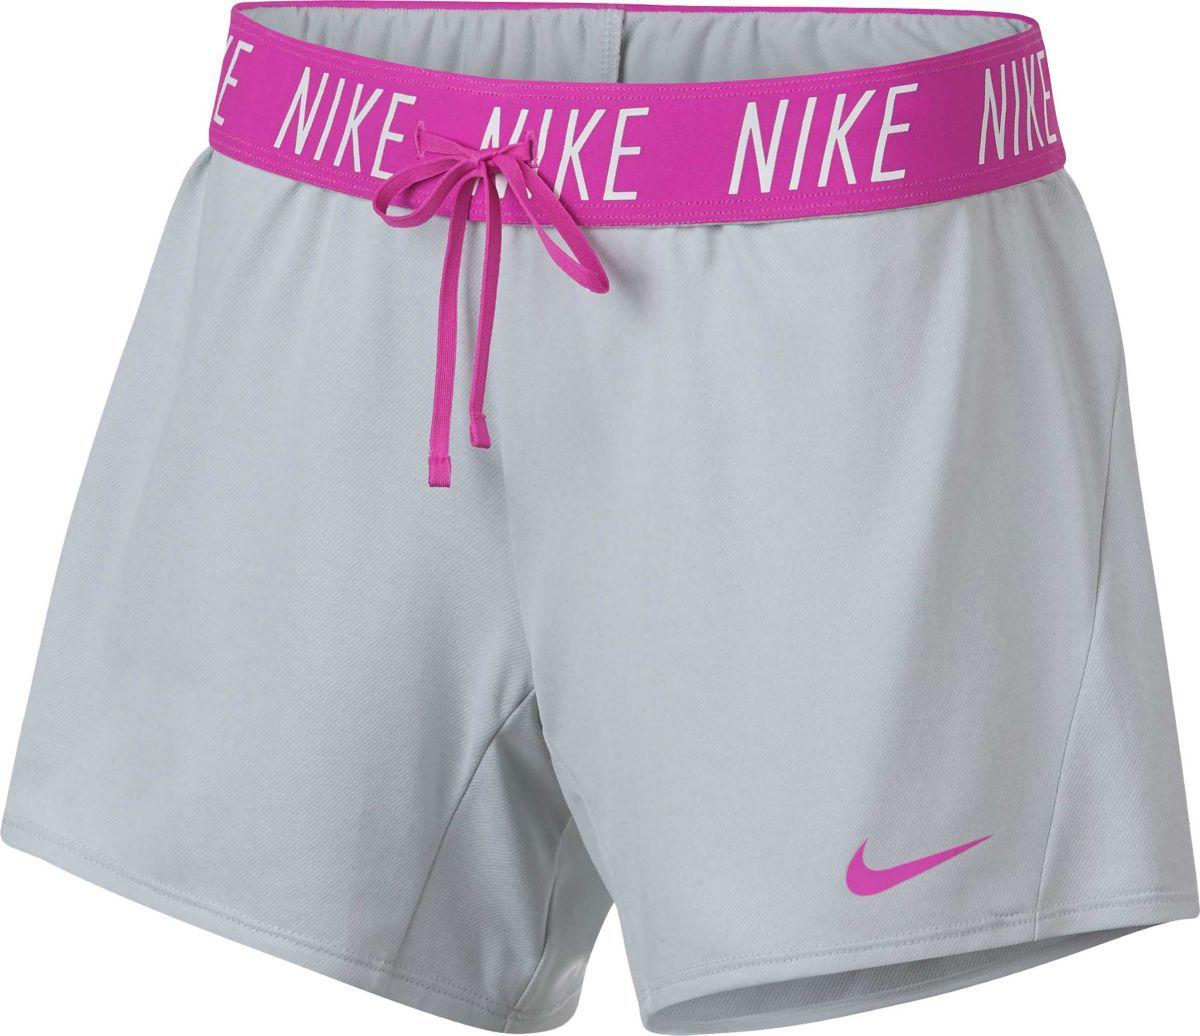 Shorts de entrenamiento de 5 pulgadas para mujer Nike Attack